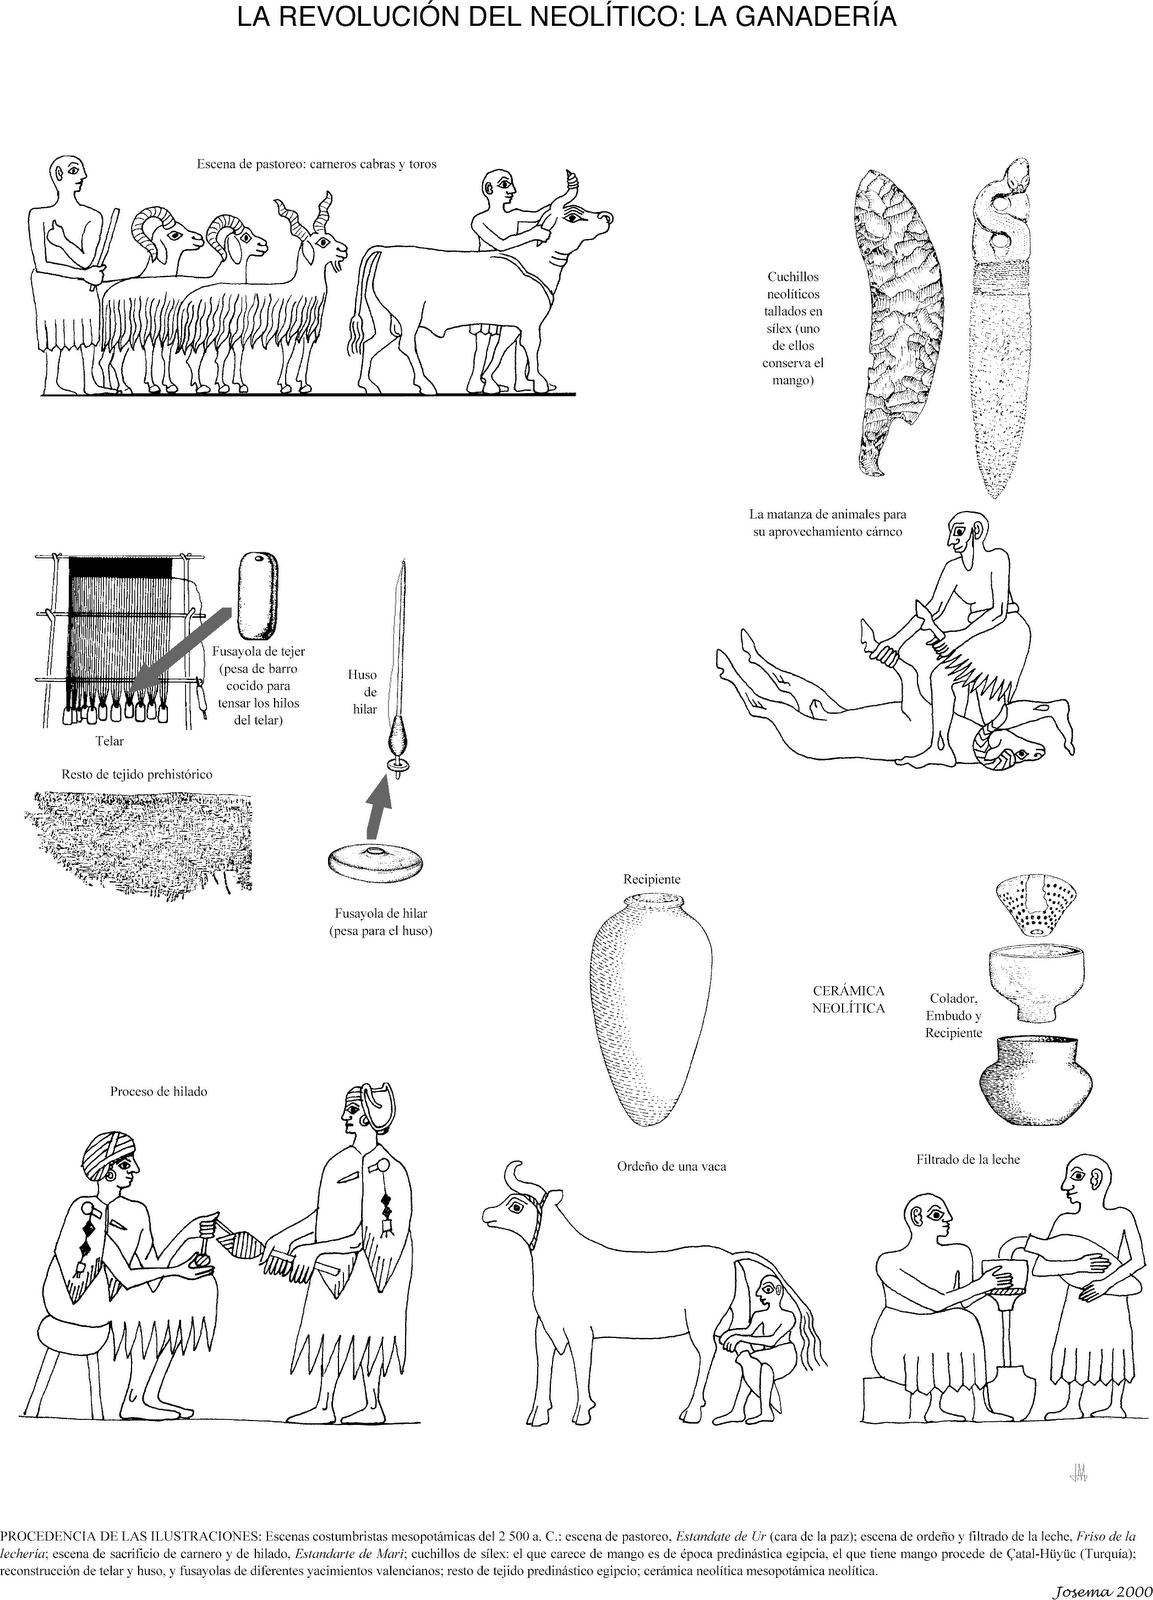 La revolucion neolitica resumen de los cambios surgidos - El taller de lo antiguo ...